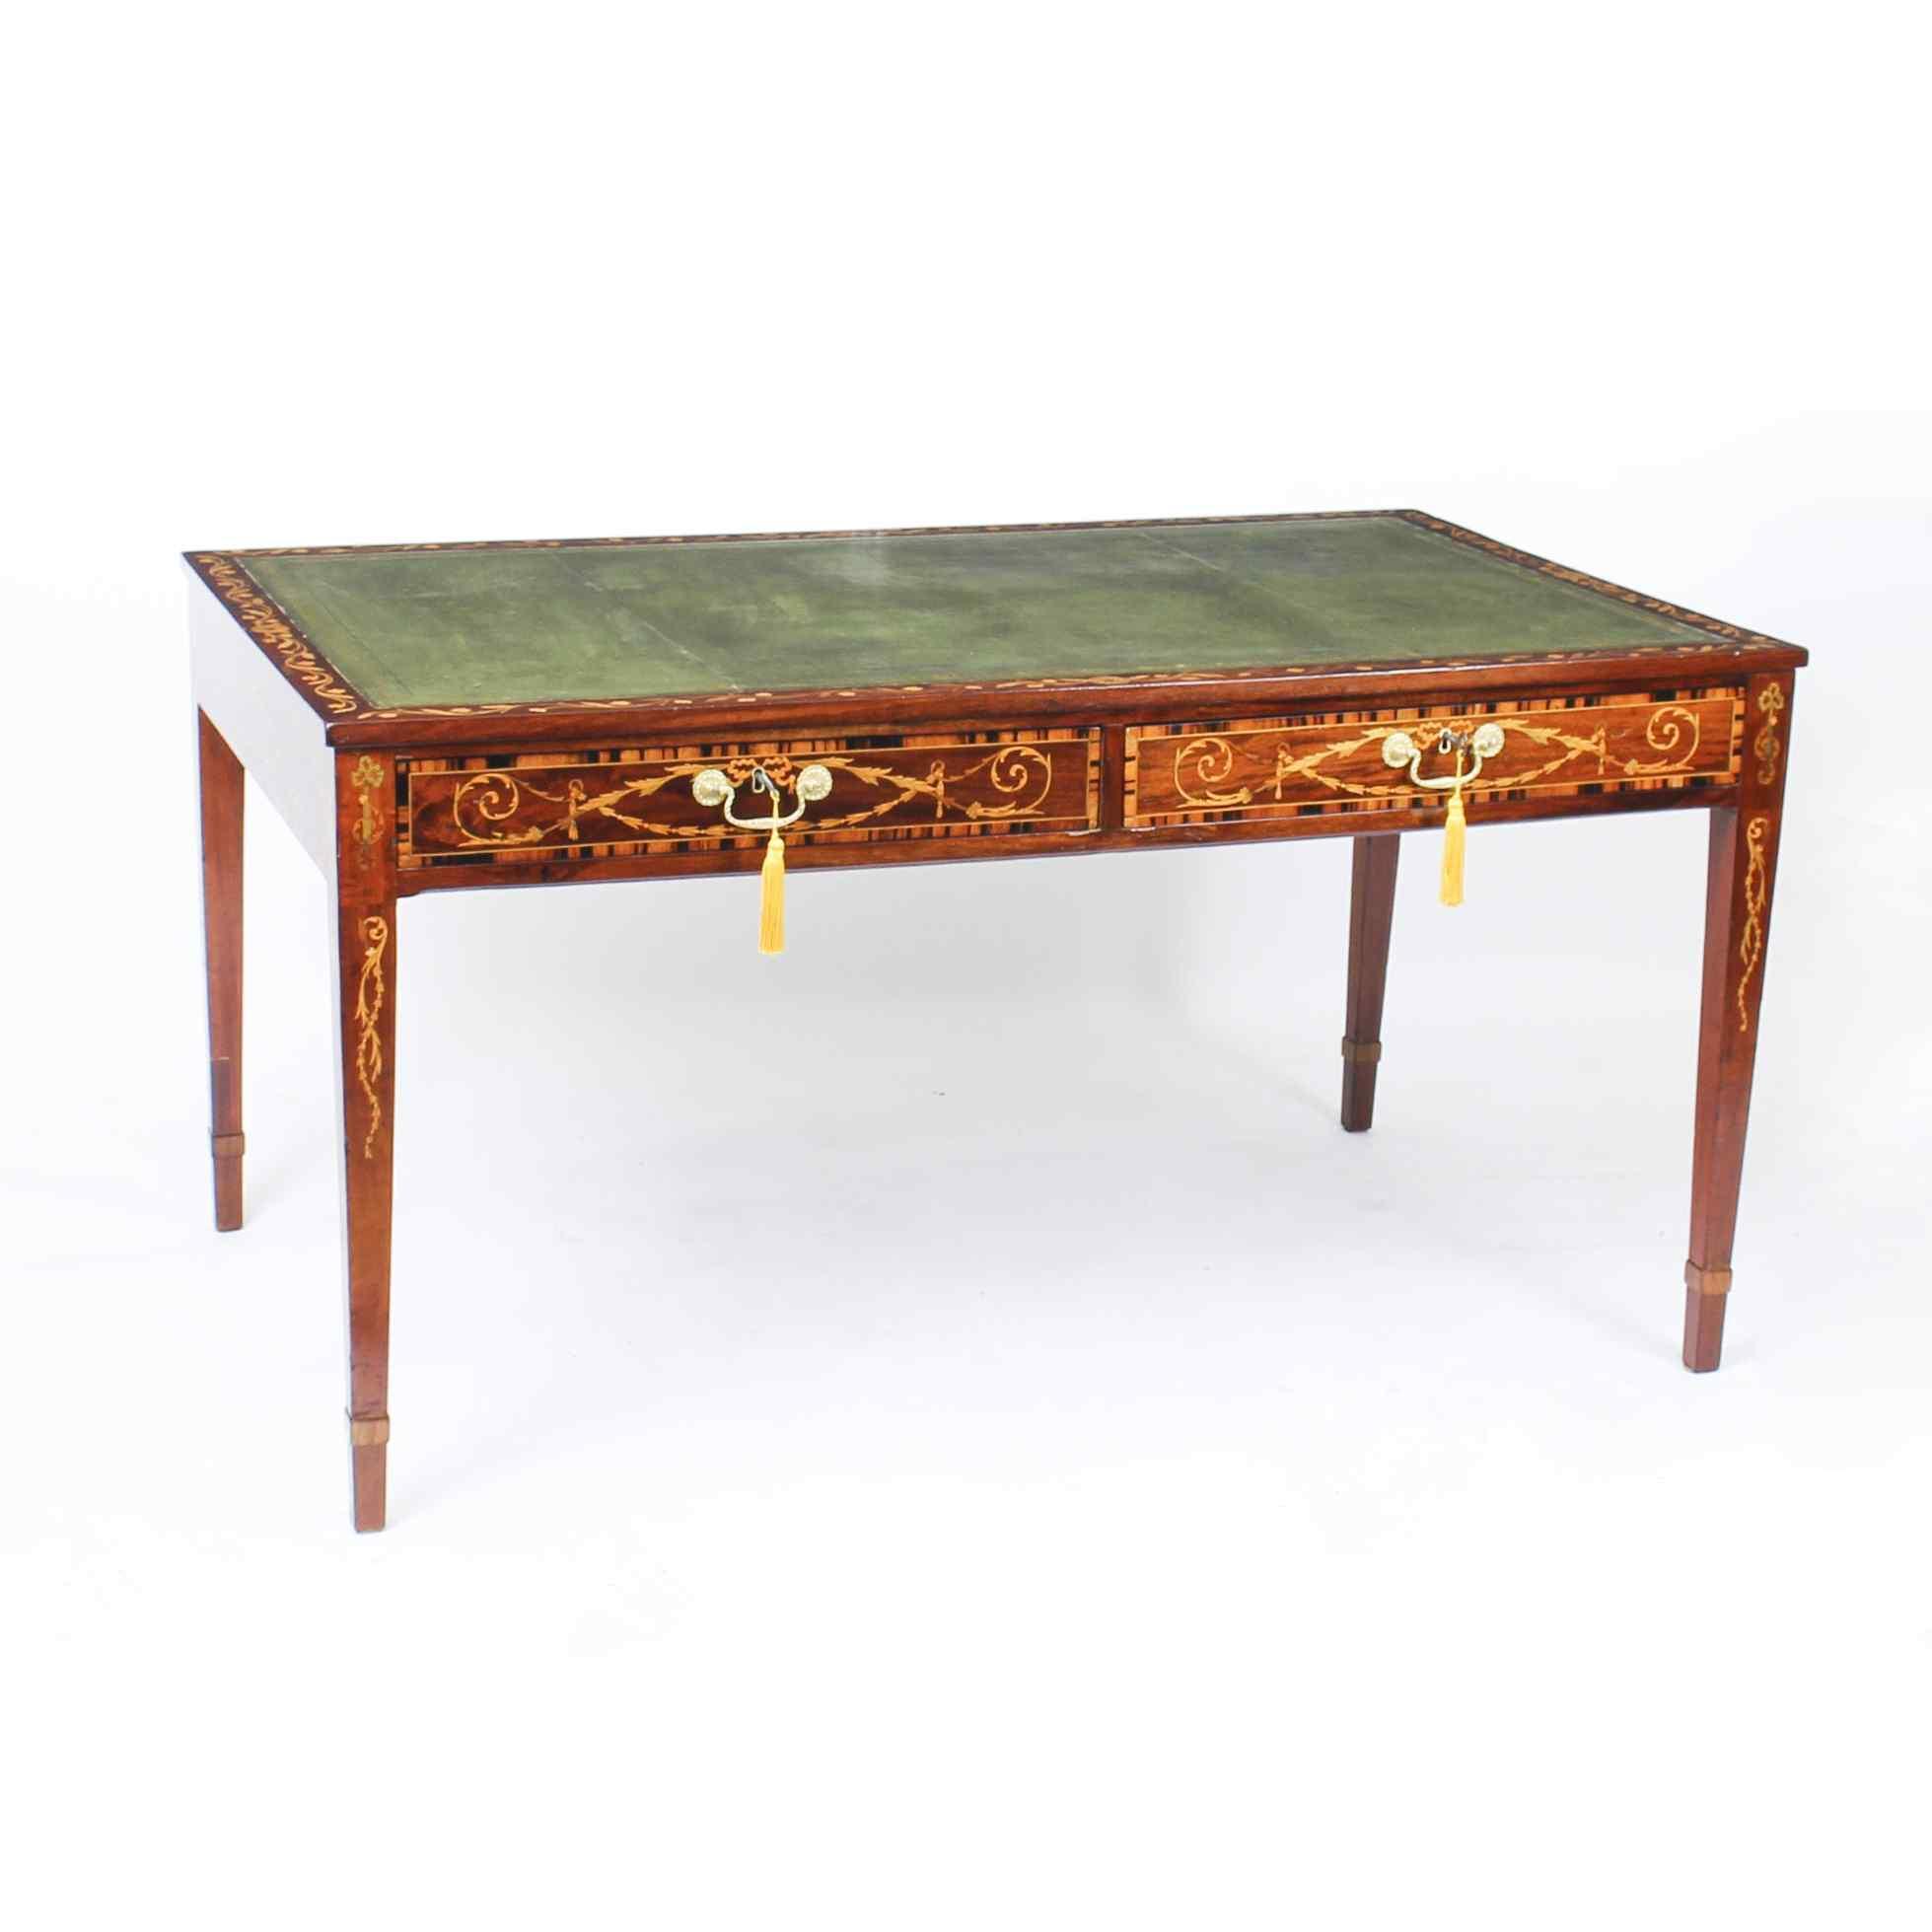 Scrivania da tavolo antica in mogano della biblioteca di Gio